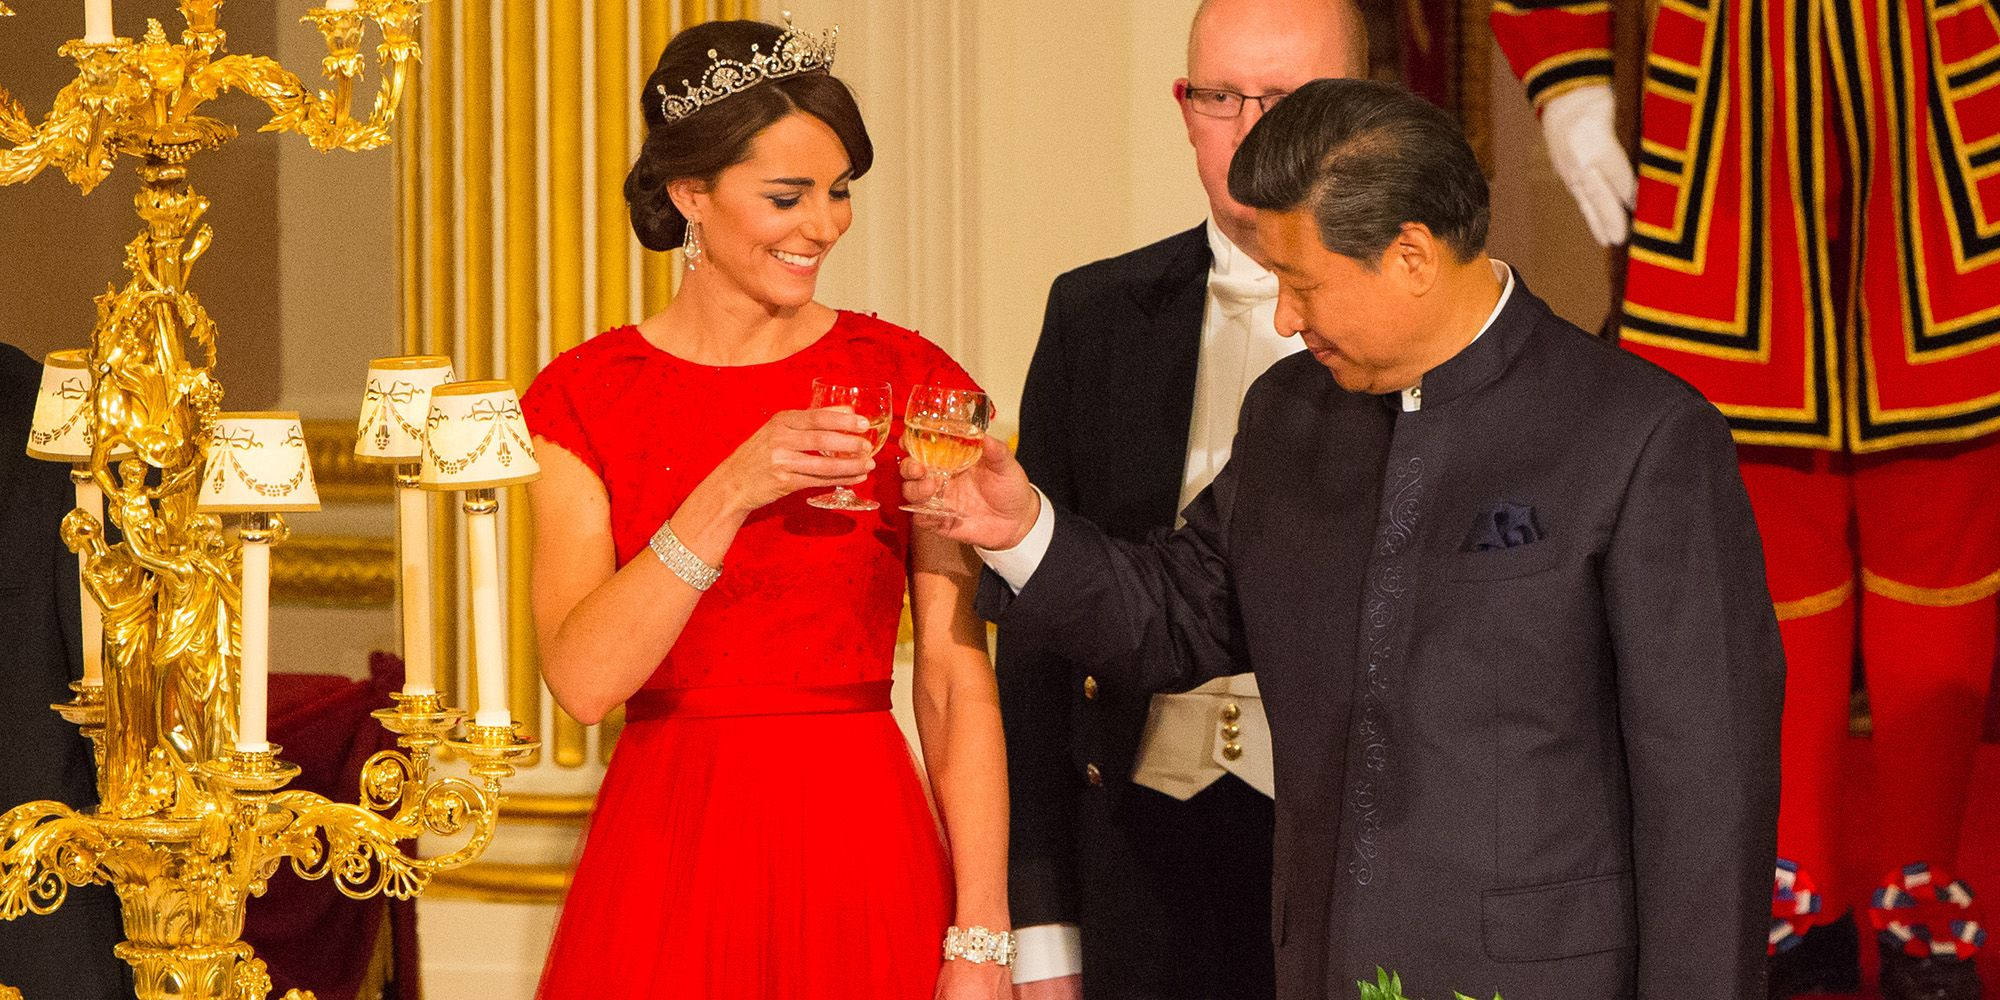 Kate Middleton Wears Tiara Duchess Of Cambridge At China State Dinner